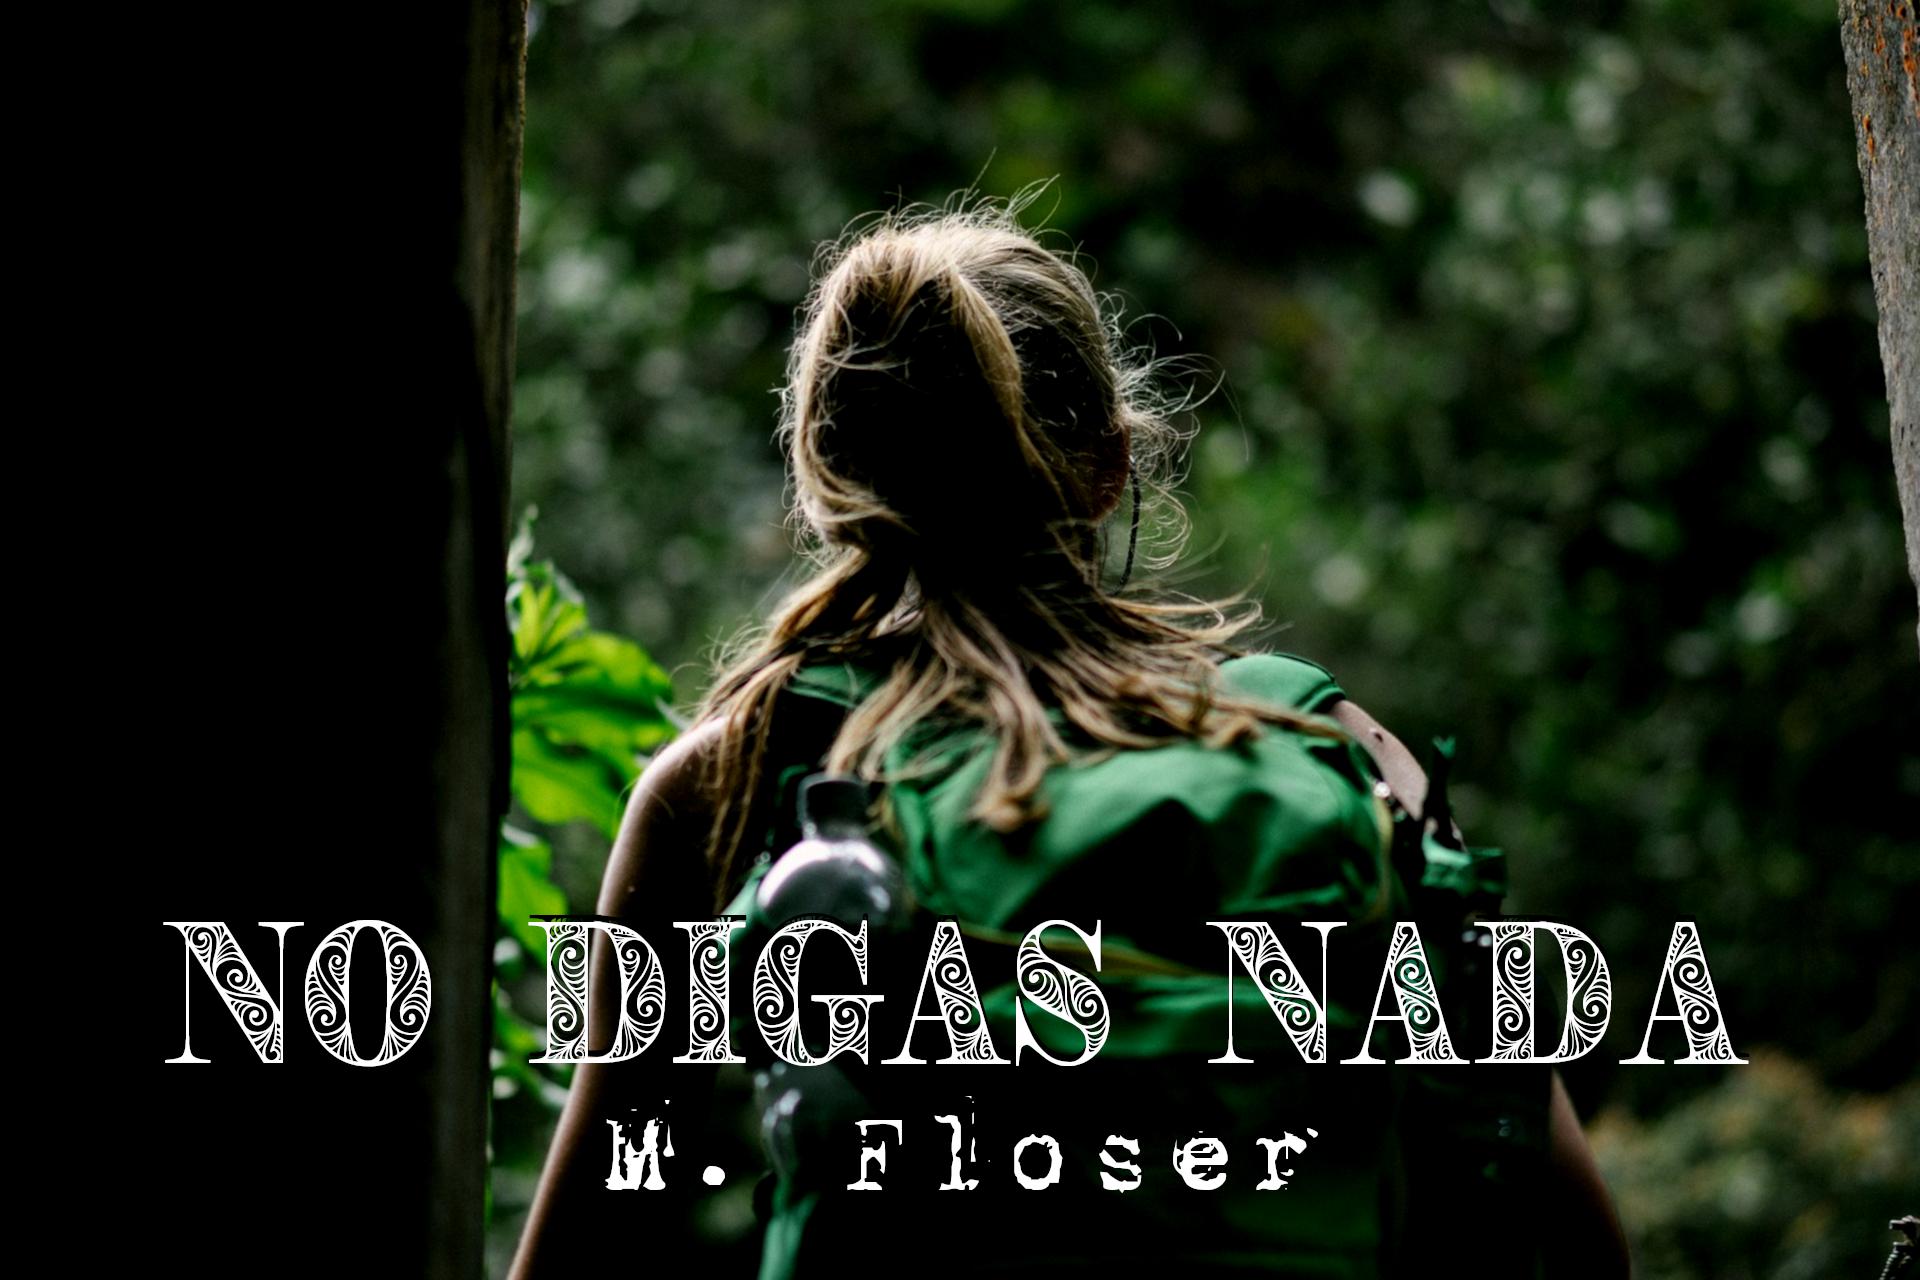 En la imagen se ve a una joven de espaldas, con una mochila verde a la espalda. De la mochila sobresale una botella de agua. Ella lleva el pelo recogido en una coleta y delante de ella se puede ver un bosque espeso.